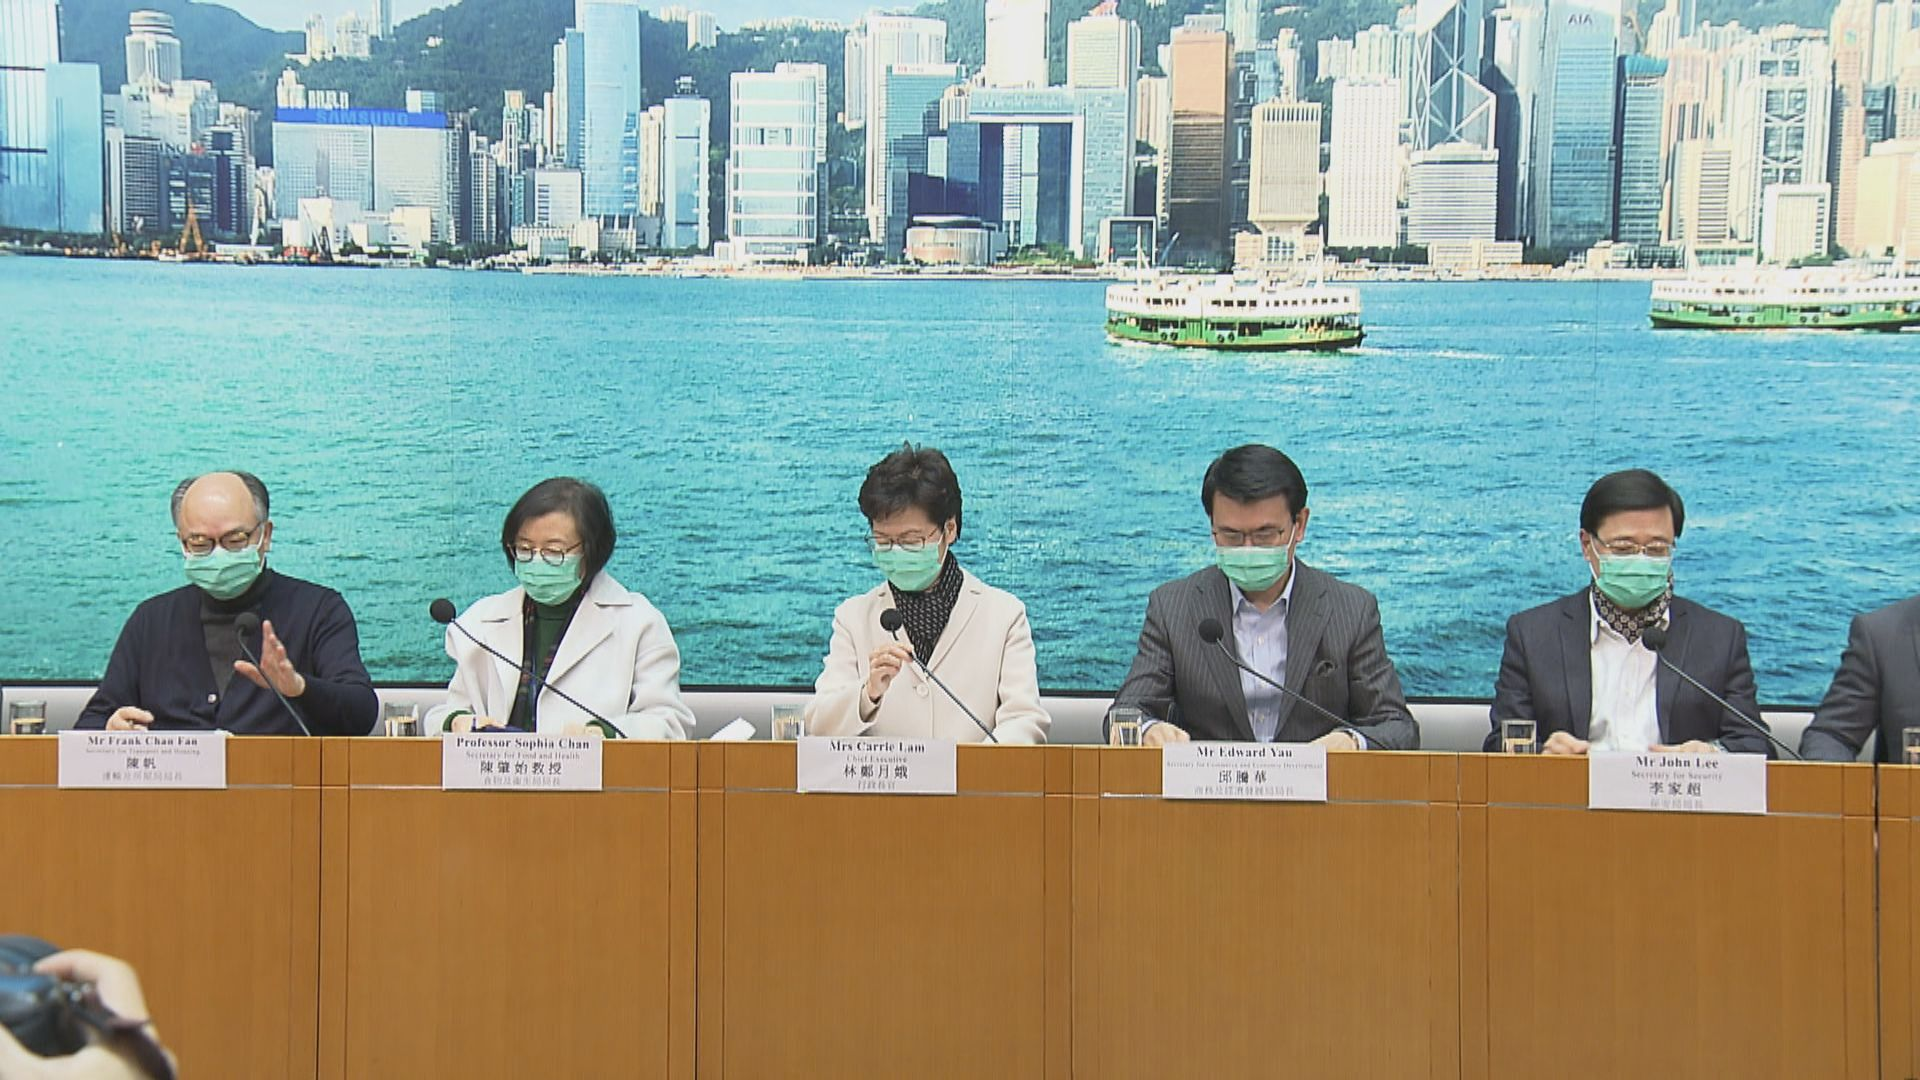 【最新】林鄭對網上屢有不實謠言傳出感遺憾 予以強烈譴責